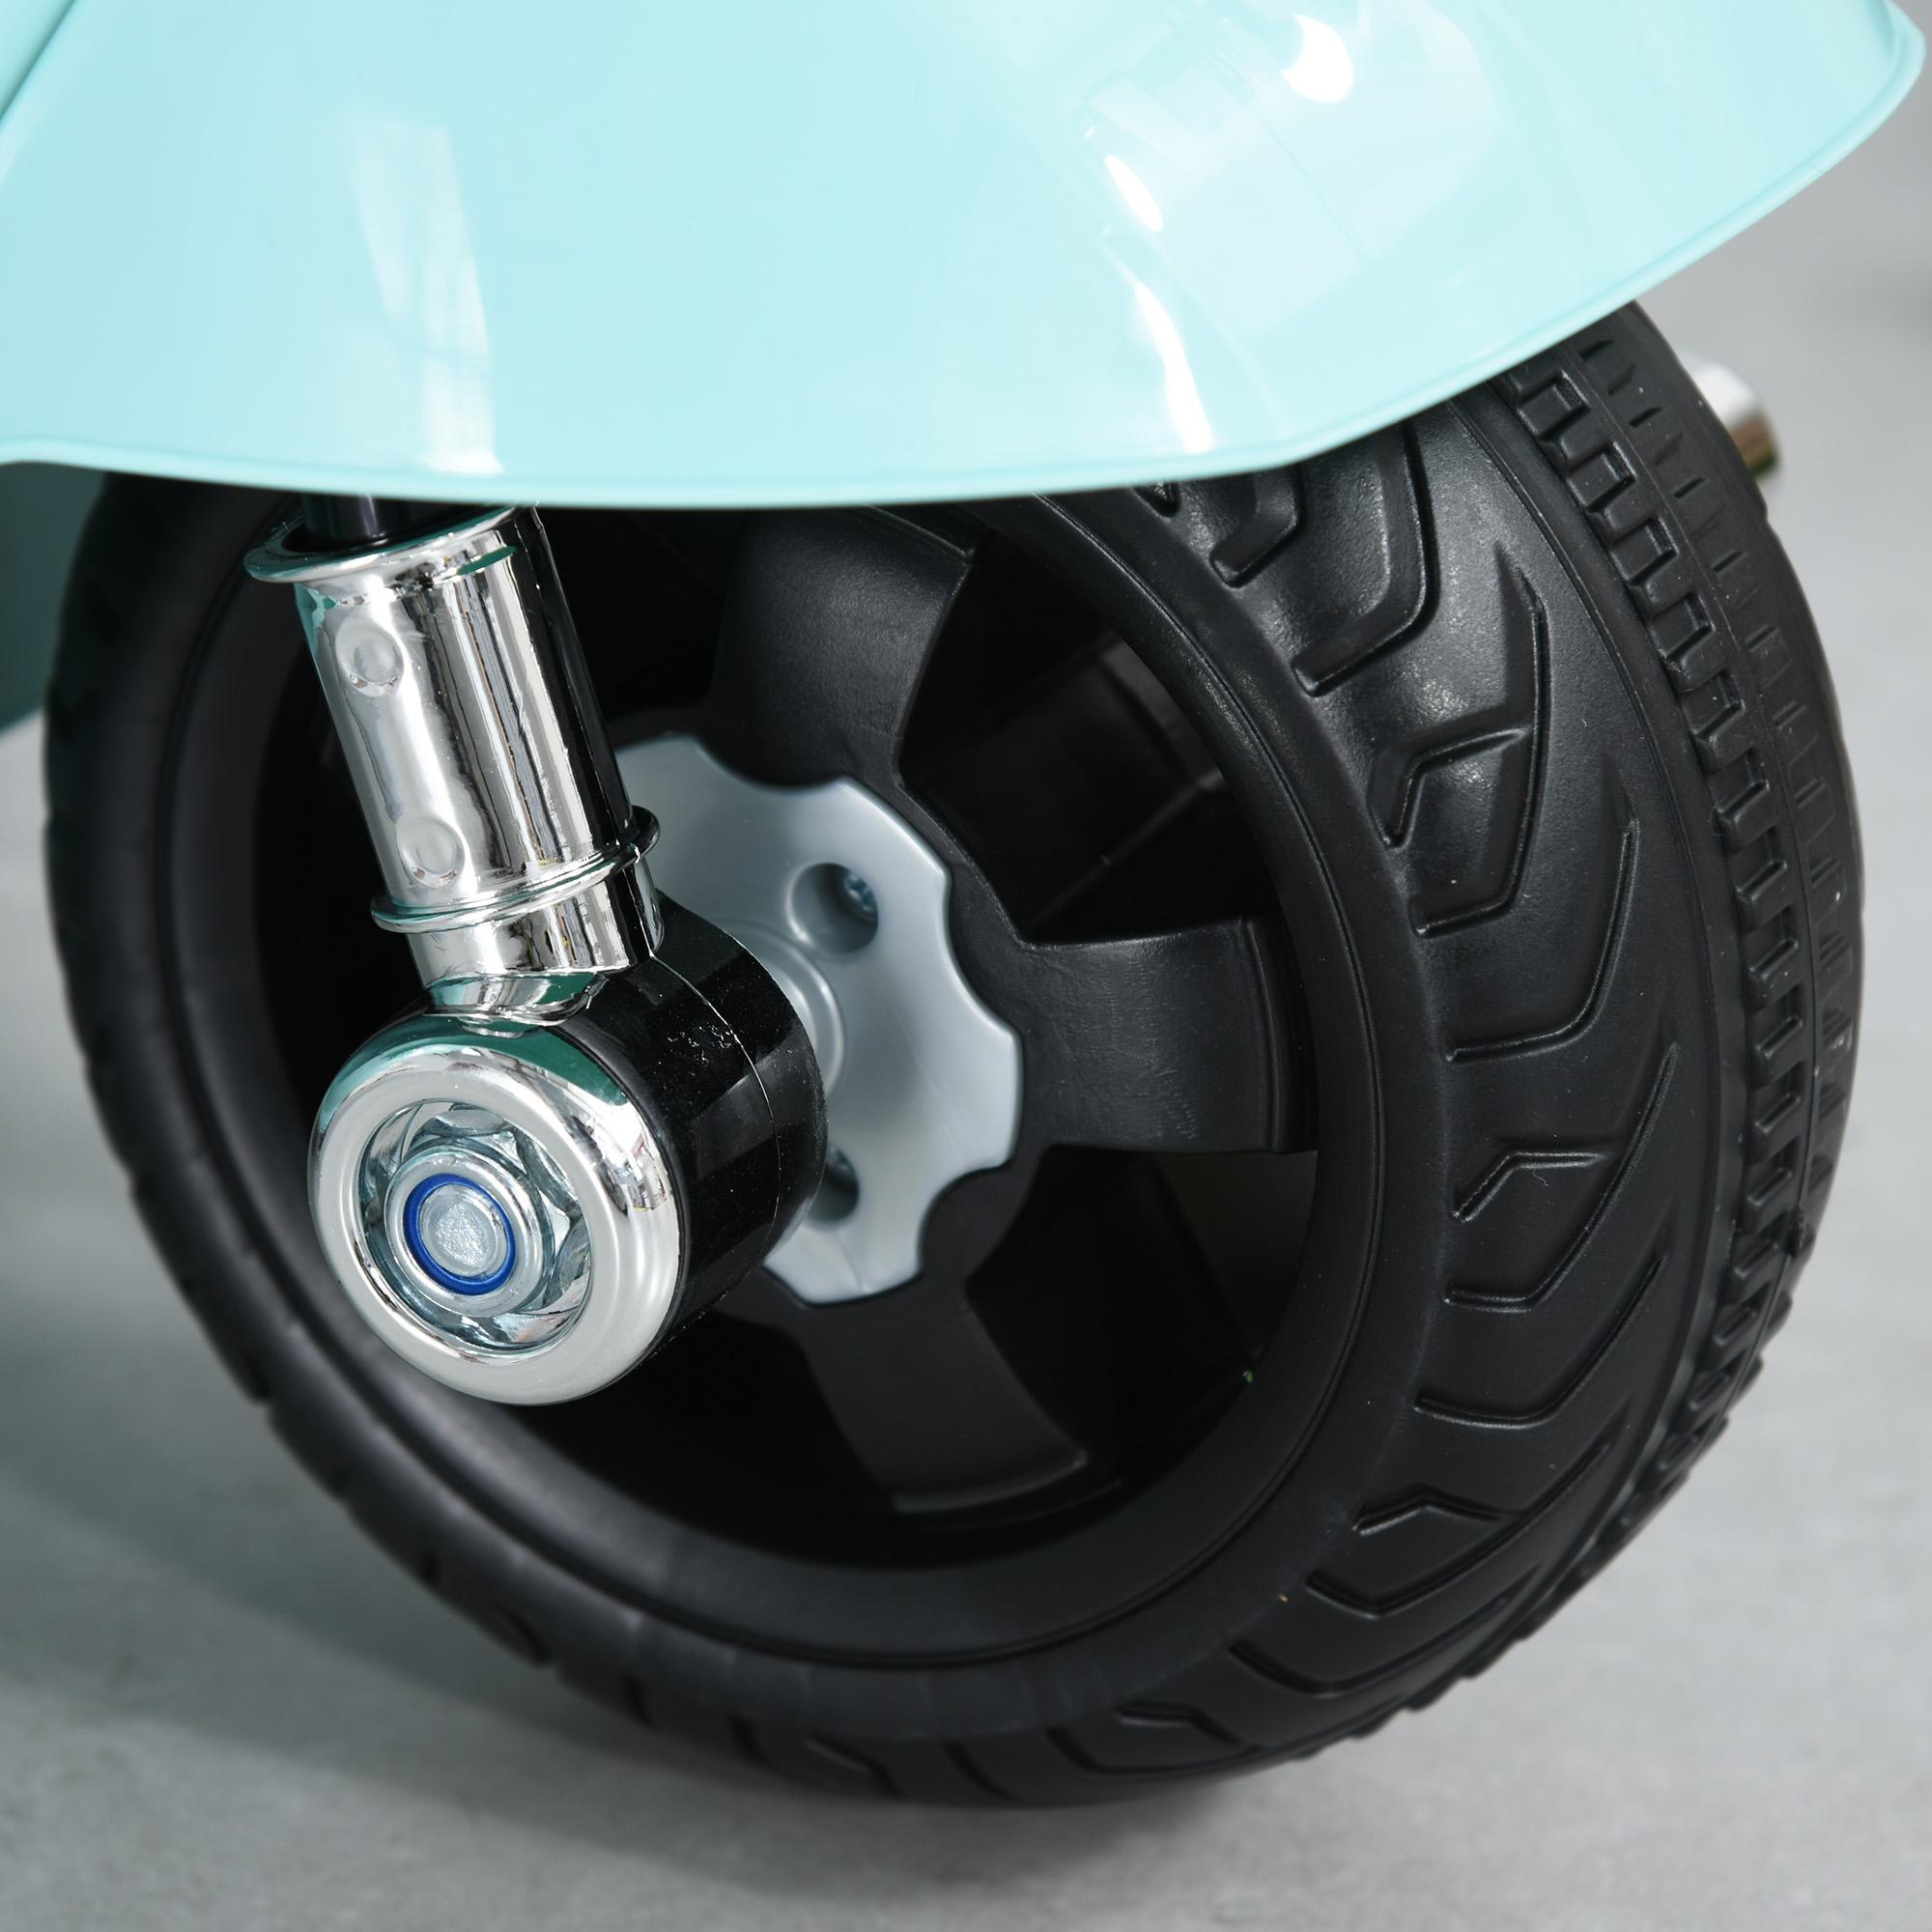 miniatura 25 - Moto Eléctrica Vespa para Niños +18 Meses con Faro Bocina y 4 Ruedas COLOR